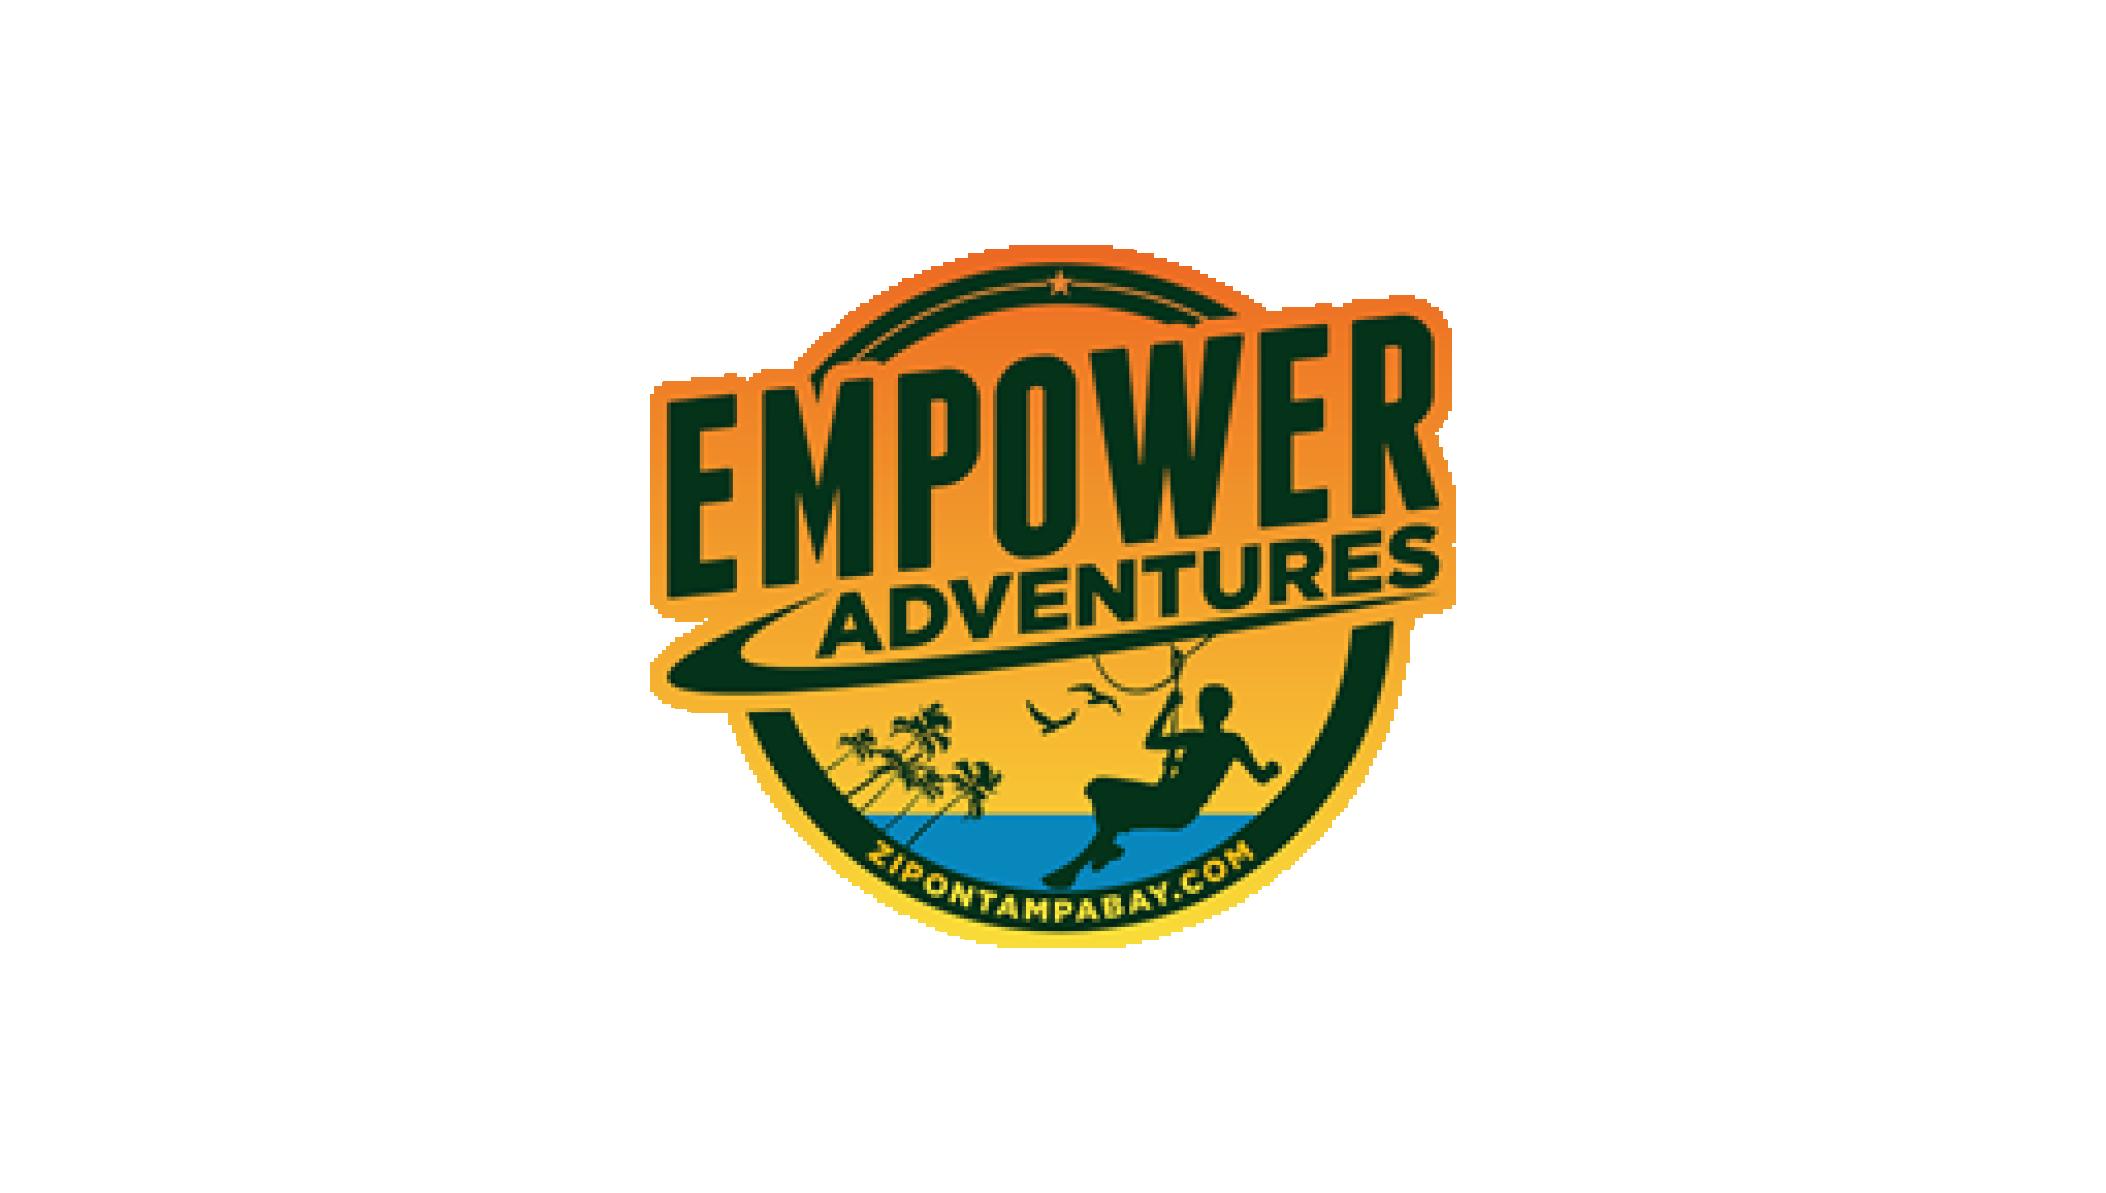 Empower Adventures